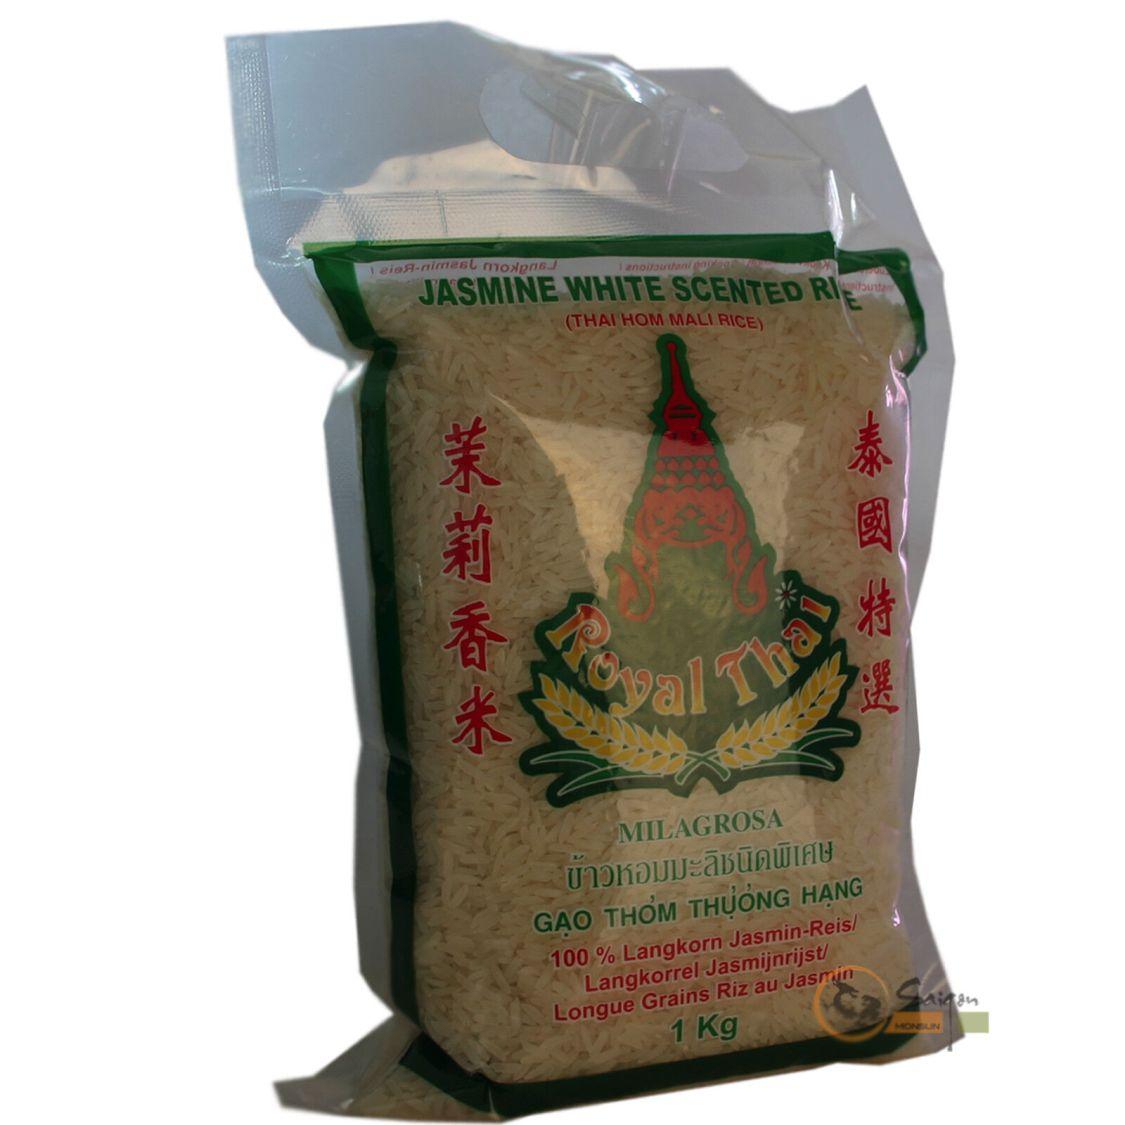 1kg Royal Thai Langkorn Duftreis Jasminreis thailändischer Jasmin Reis Milagrosa